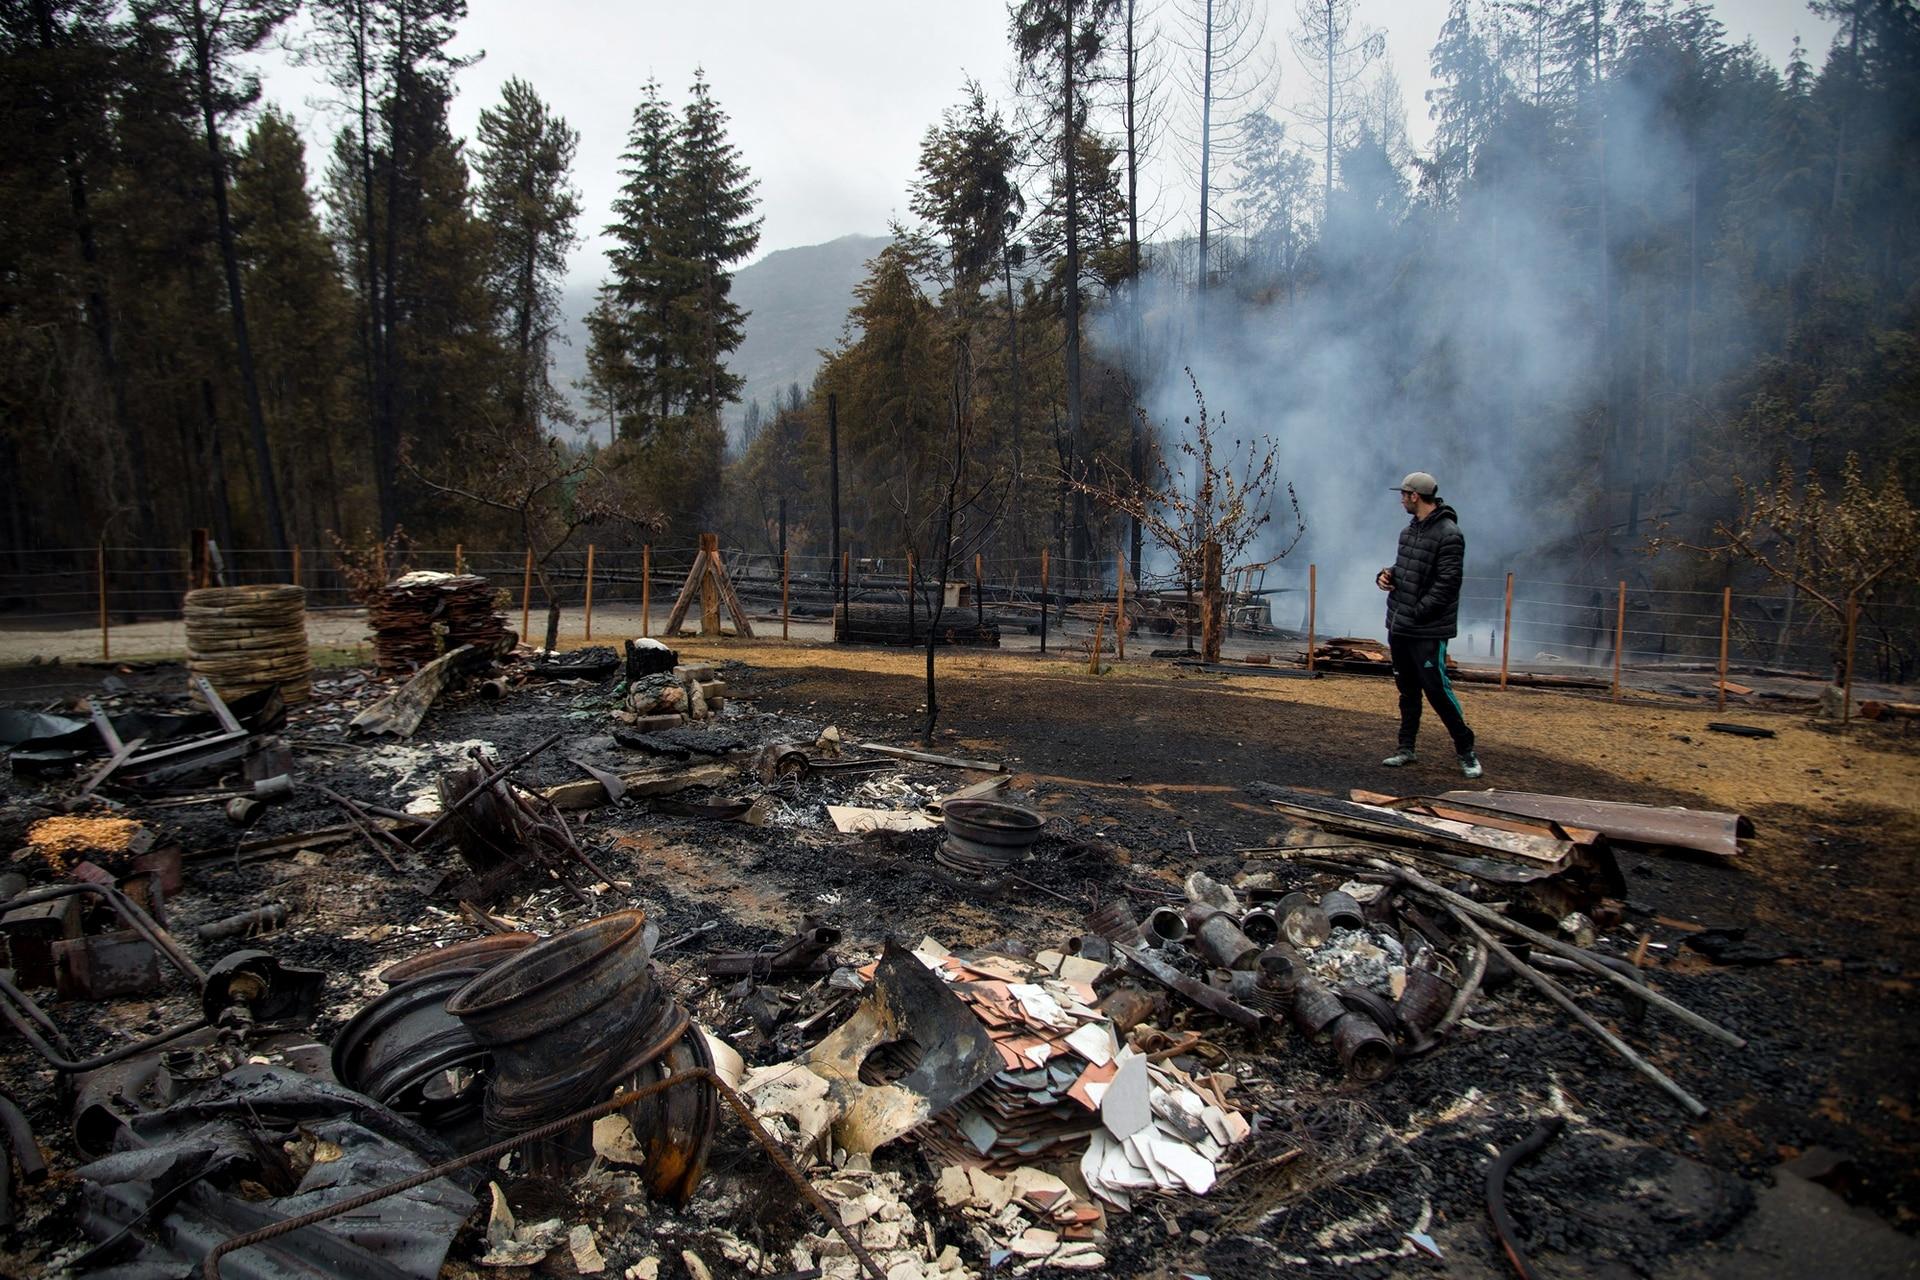 El incendio en la zona de El Hoyo que destruyó varias viviendas